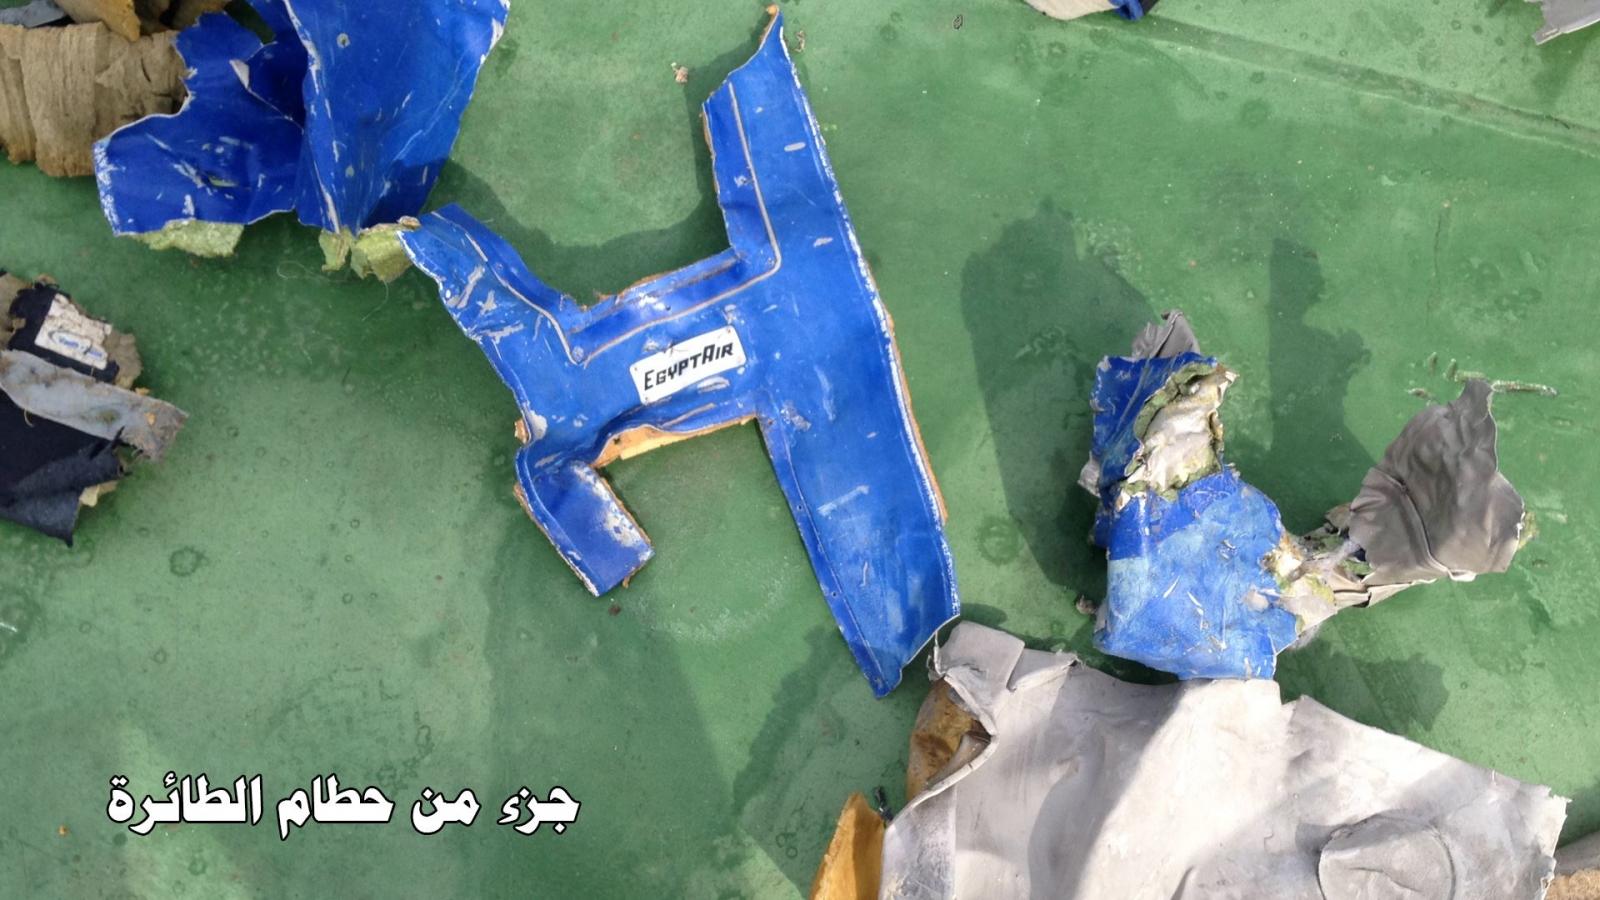 EgyptAir MS804: Debris 3